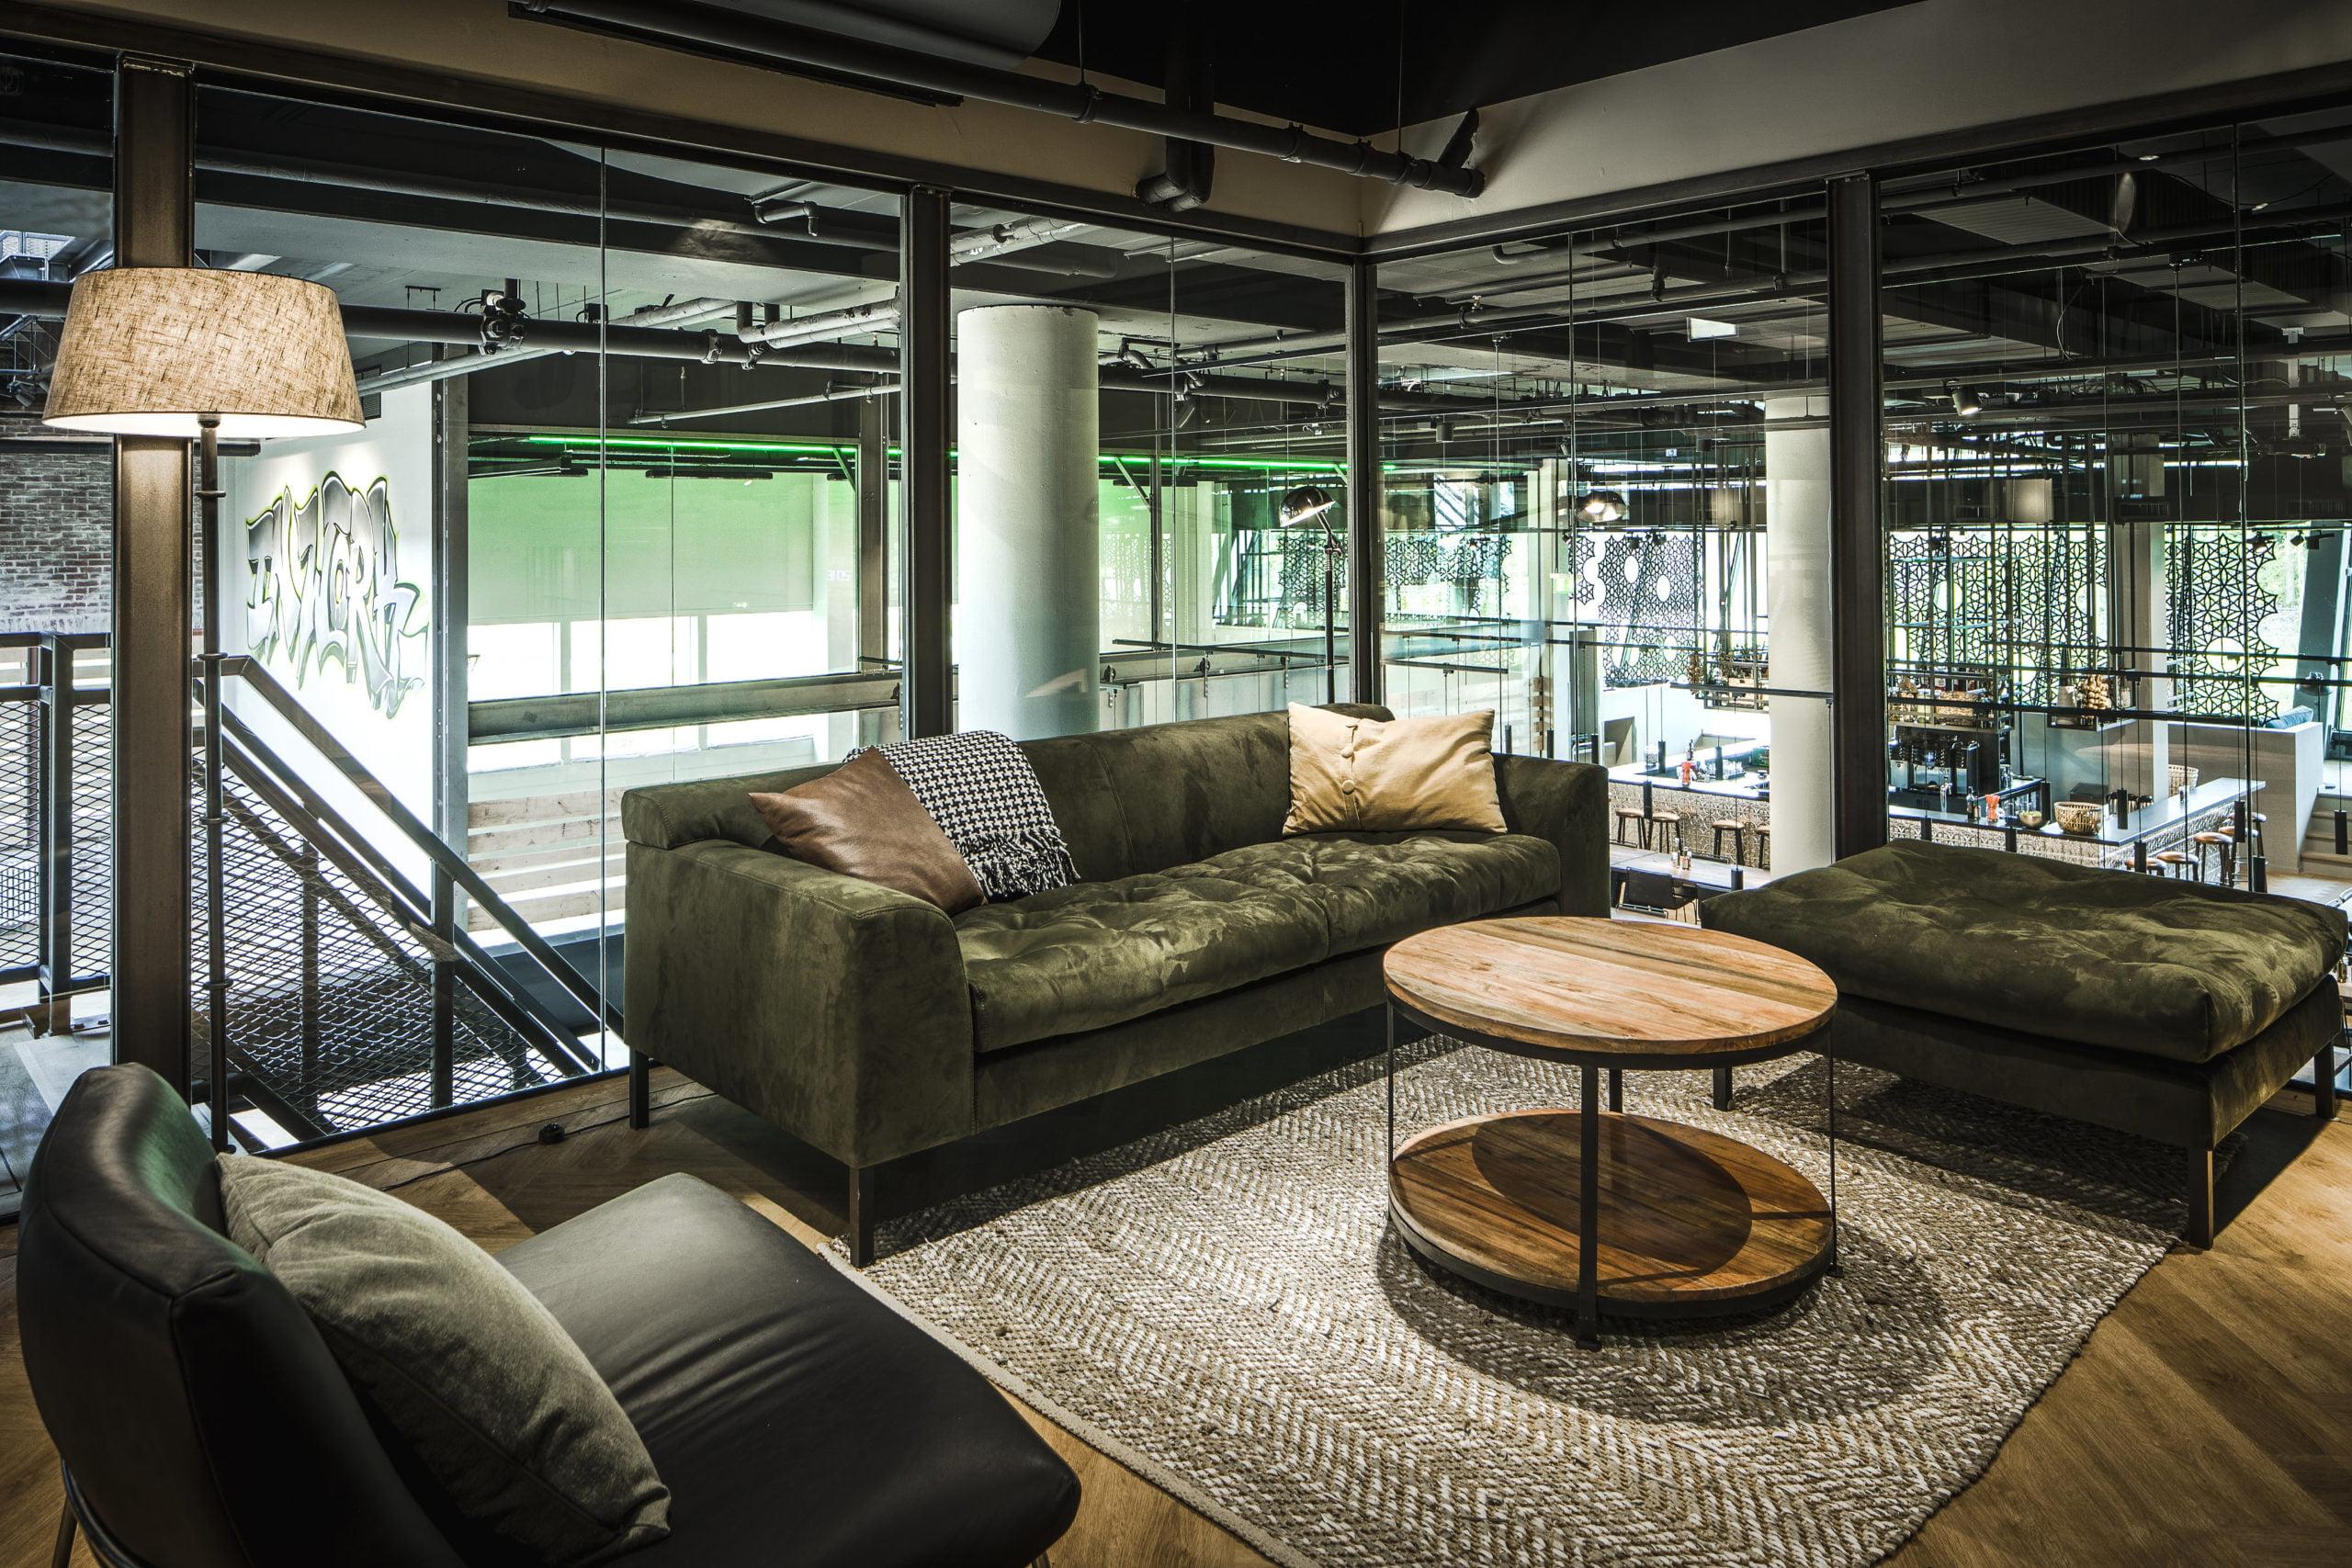 Interieur foto kantoor Amsterdam - van een interview kamer op de entresol van Inwork